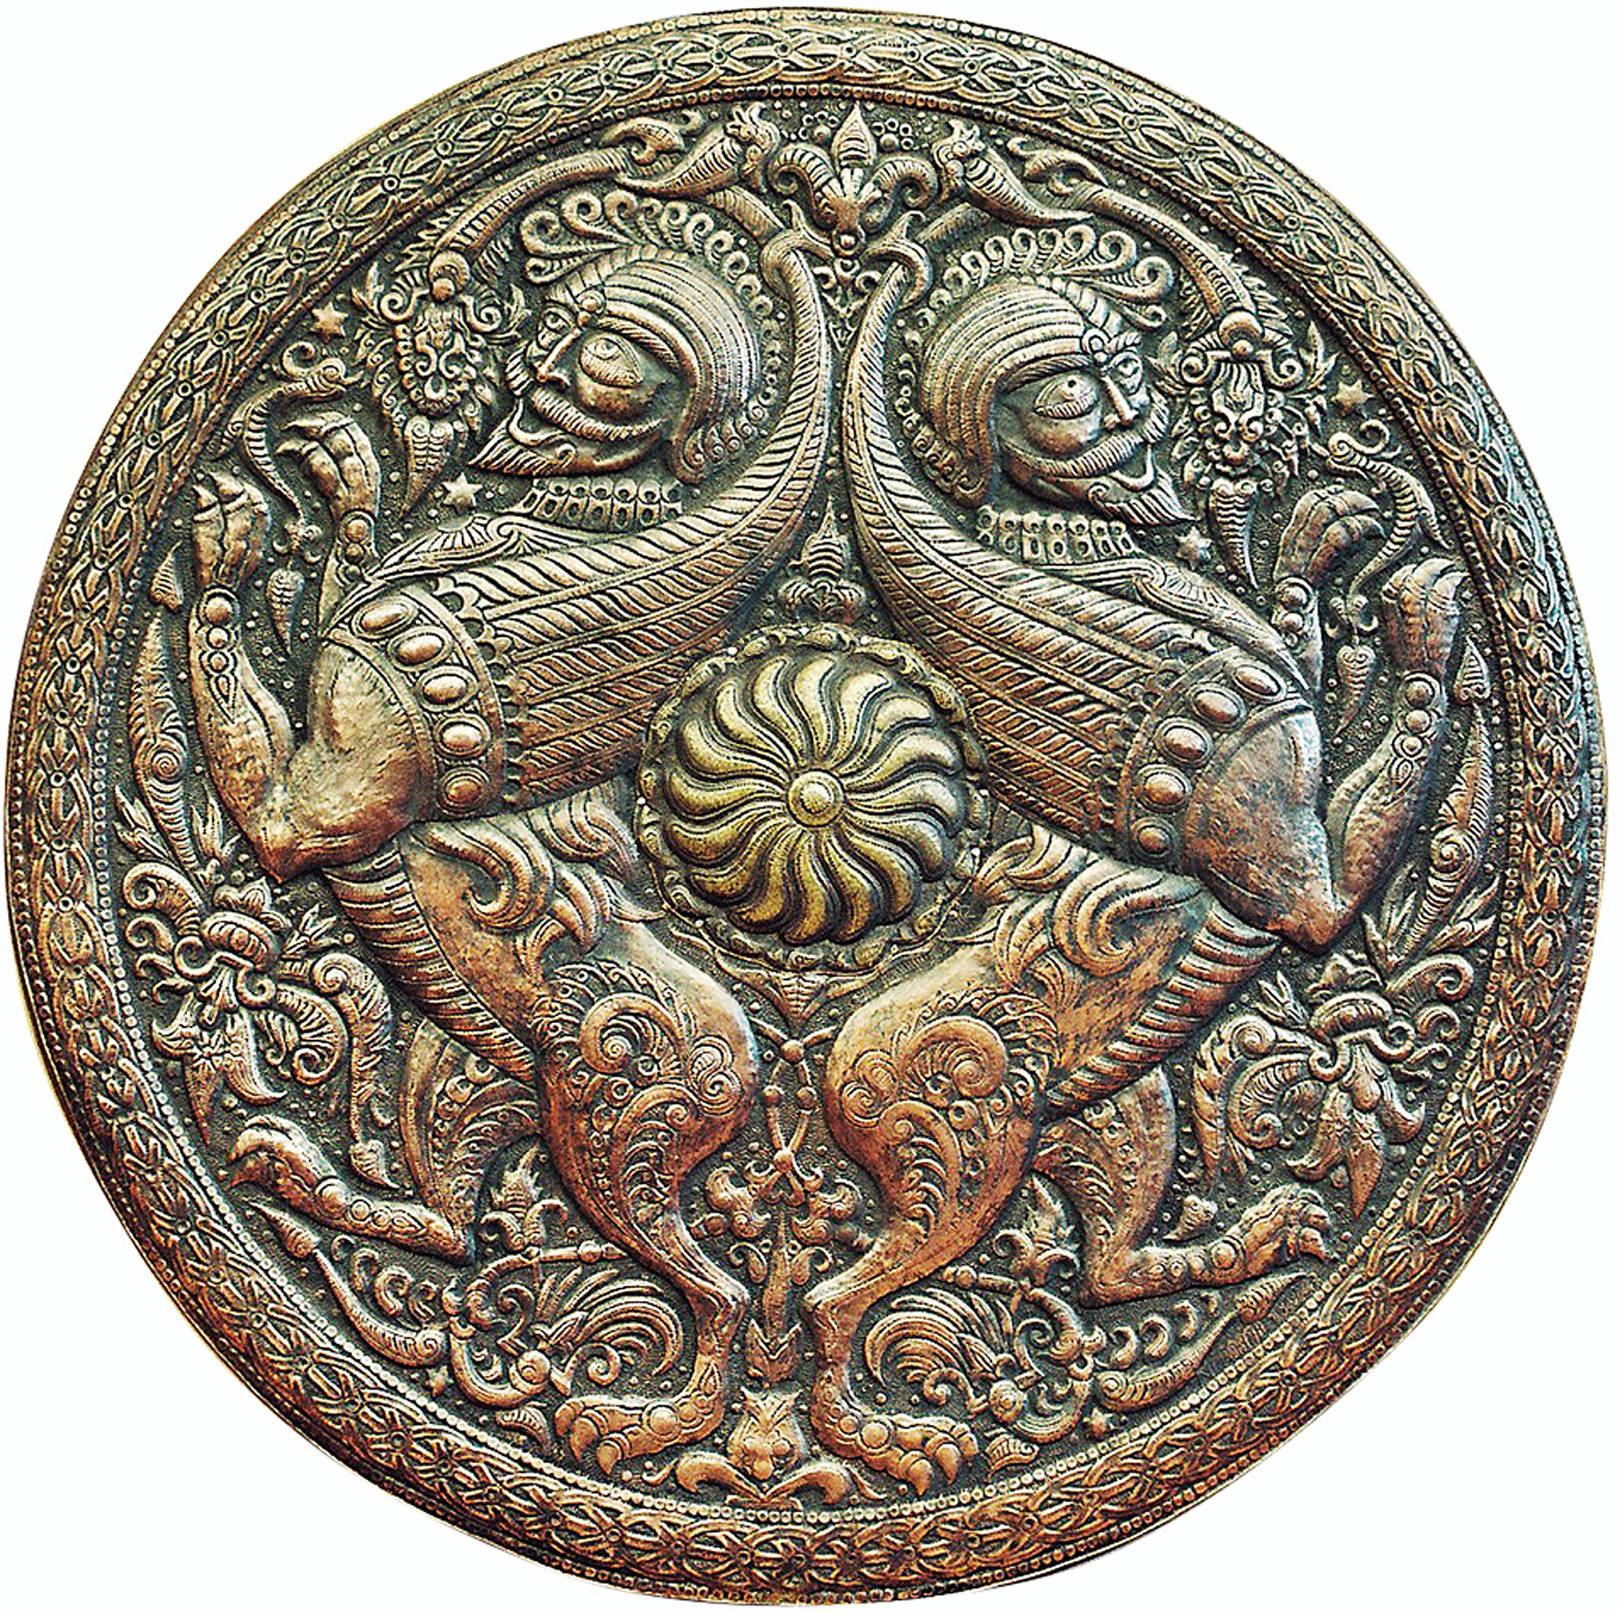 Мамелюки (декоративный щит-рондо) 1998 г. Медь, латунь; чернение Дм. 61 см